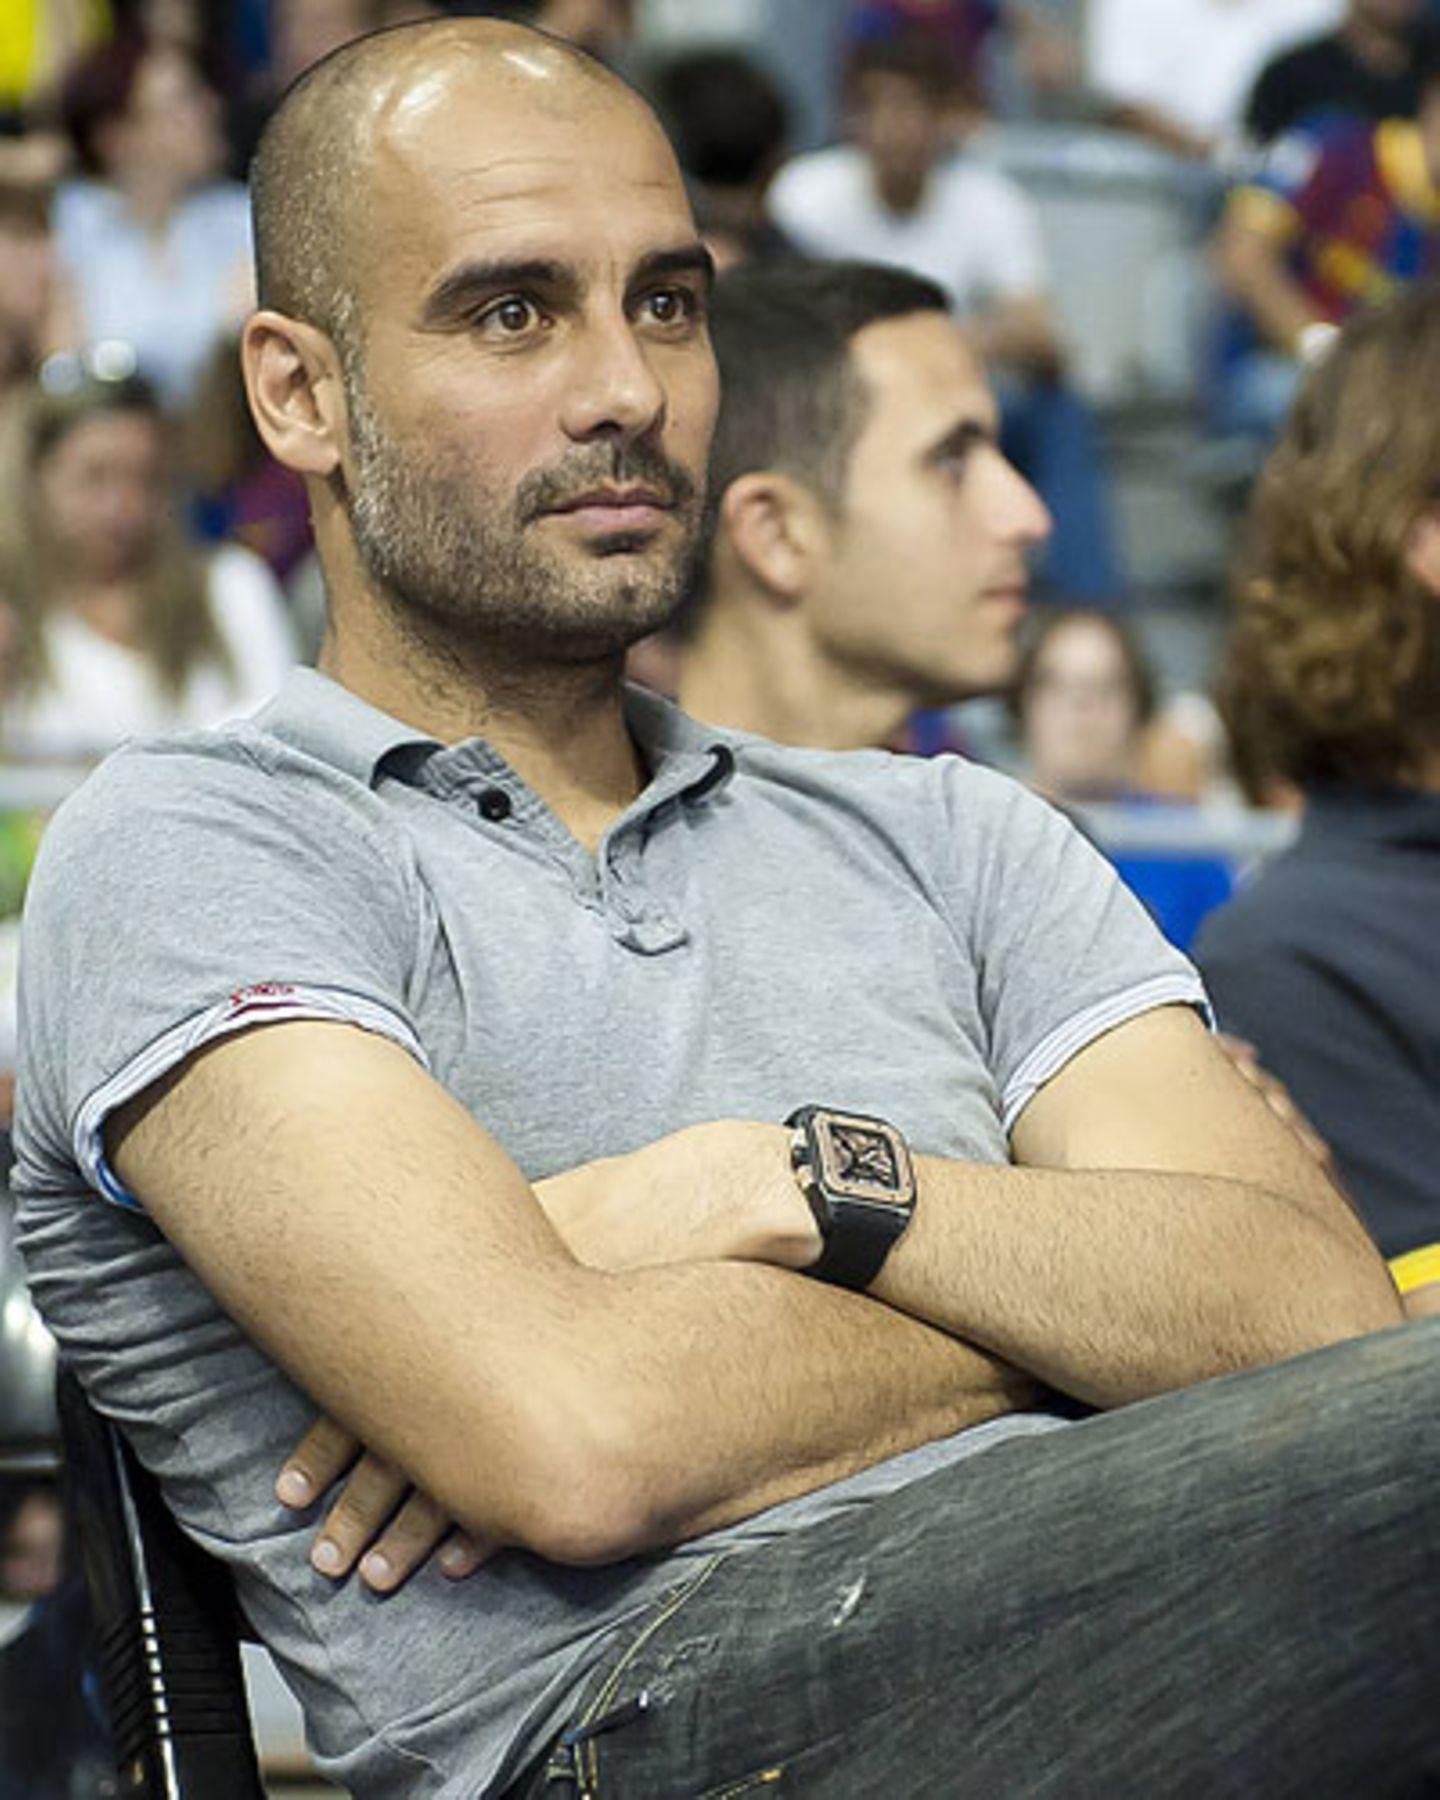 Vier Jahre lang war Guardiola beim FC Barcelona für den Zauberfußball der Katalanen zuständig und holte mit Spielern wie Messi und Piqué insgesamt 14 Titel. Jetzt tritt er als erster spanische Trainer in der Bundesliga seinen Dienst an.